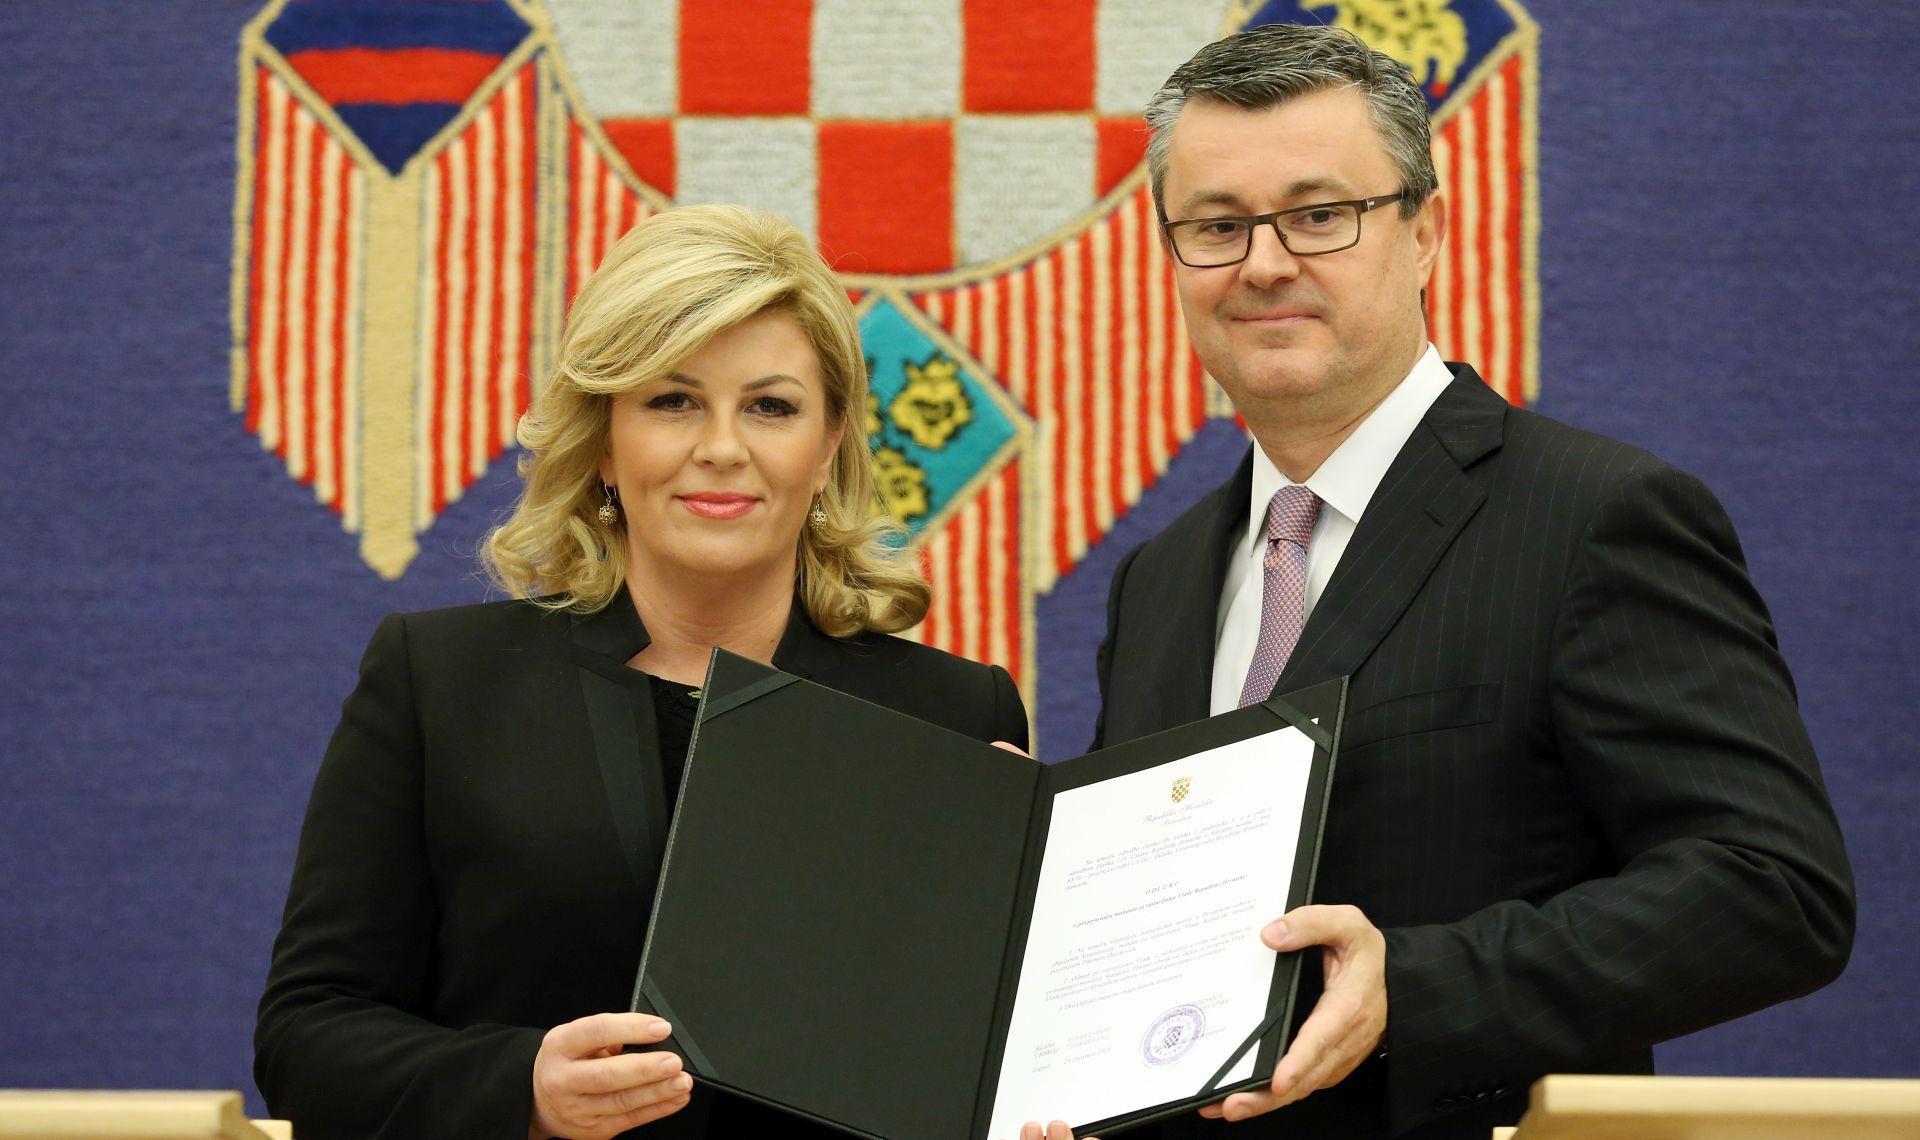 FOTO: Predsjednica povjerila mandat sa sastav nove Vlade Tihomiru Oreškoviću